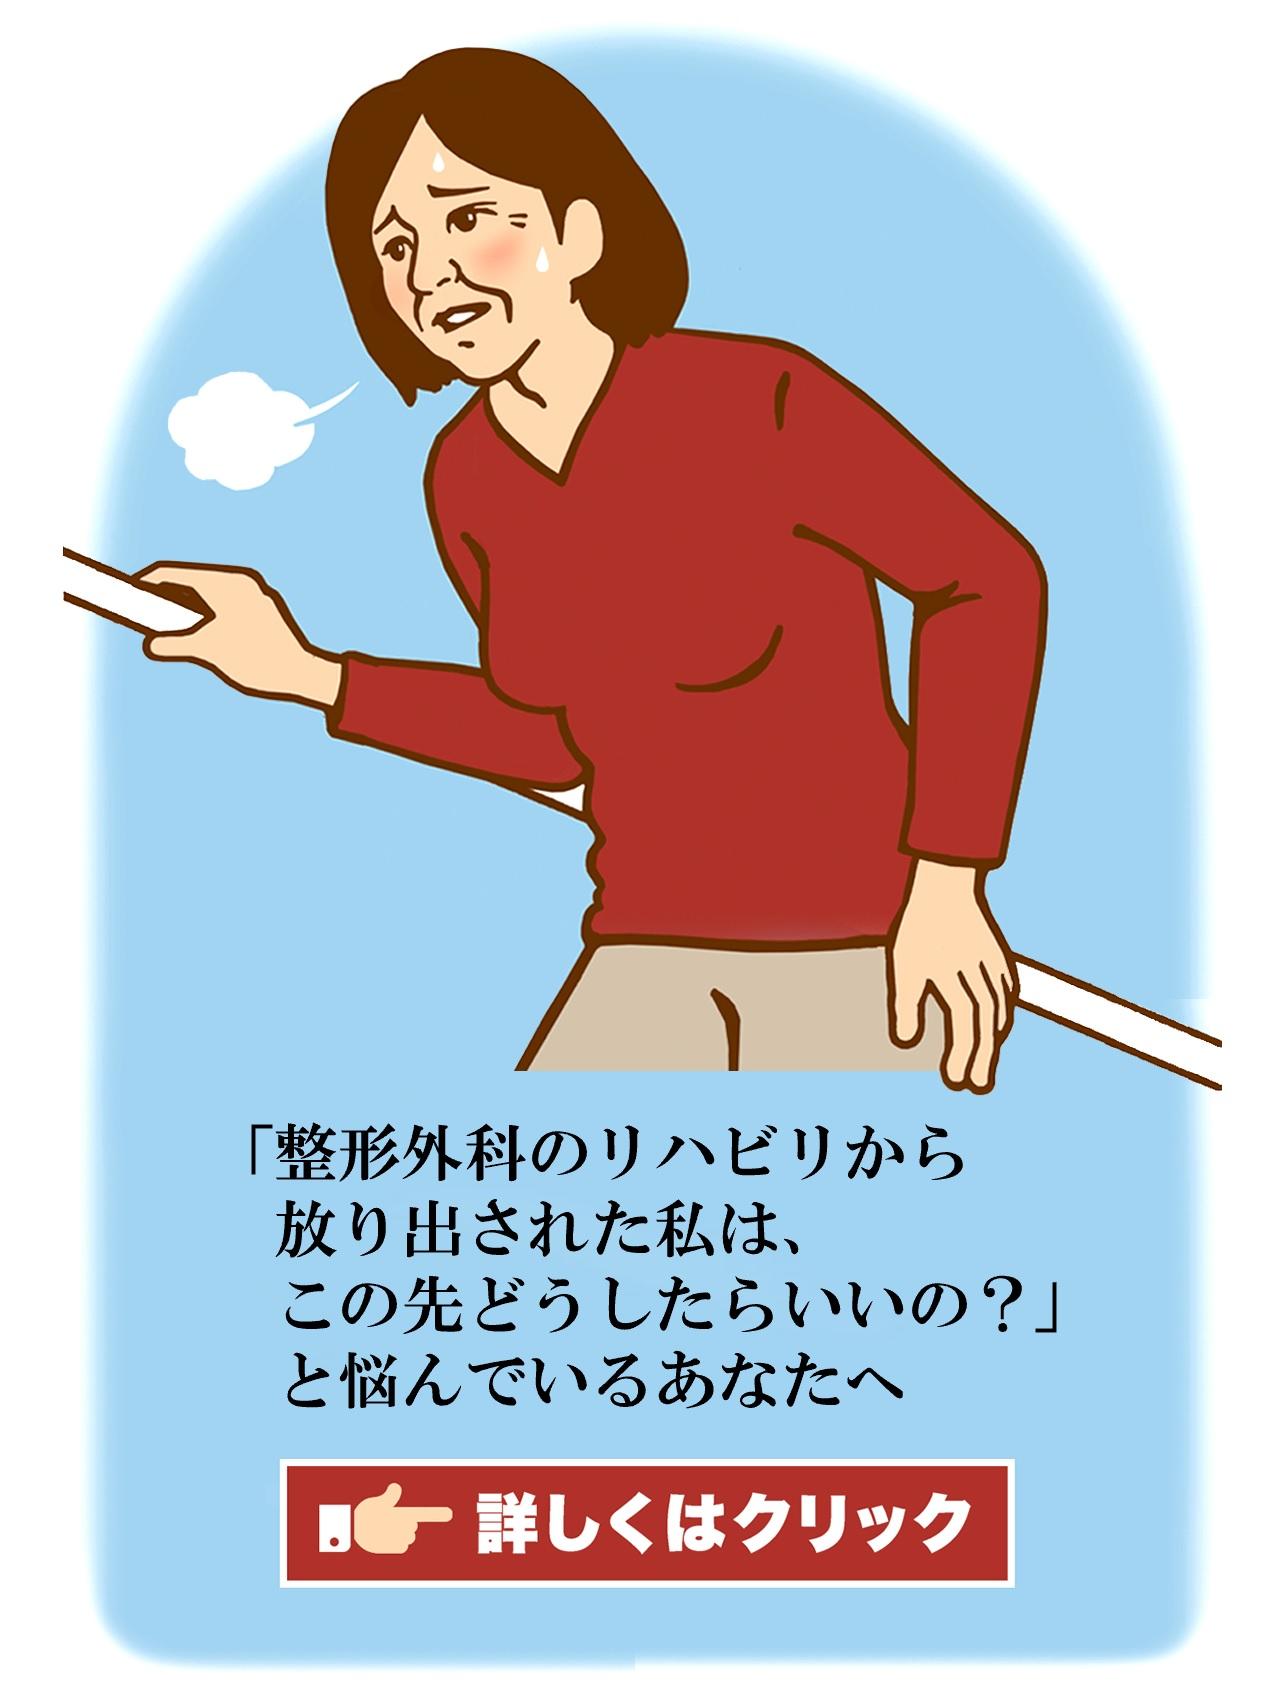 メディカル・アロマケア体験会